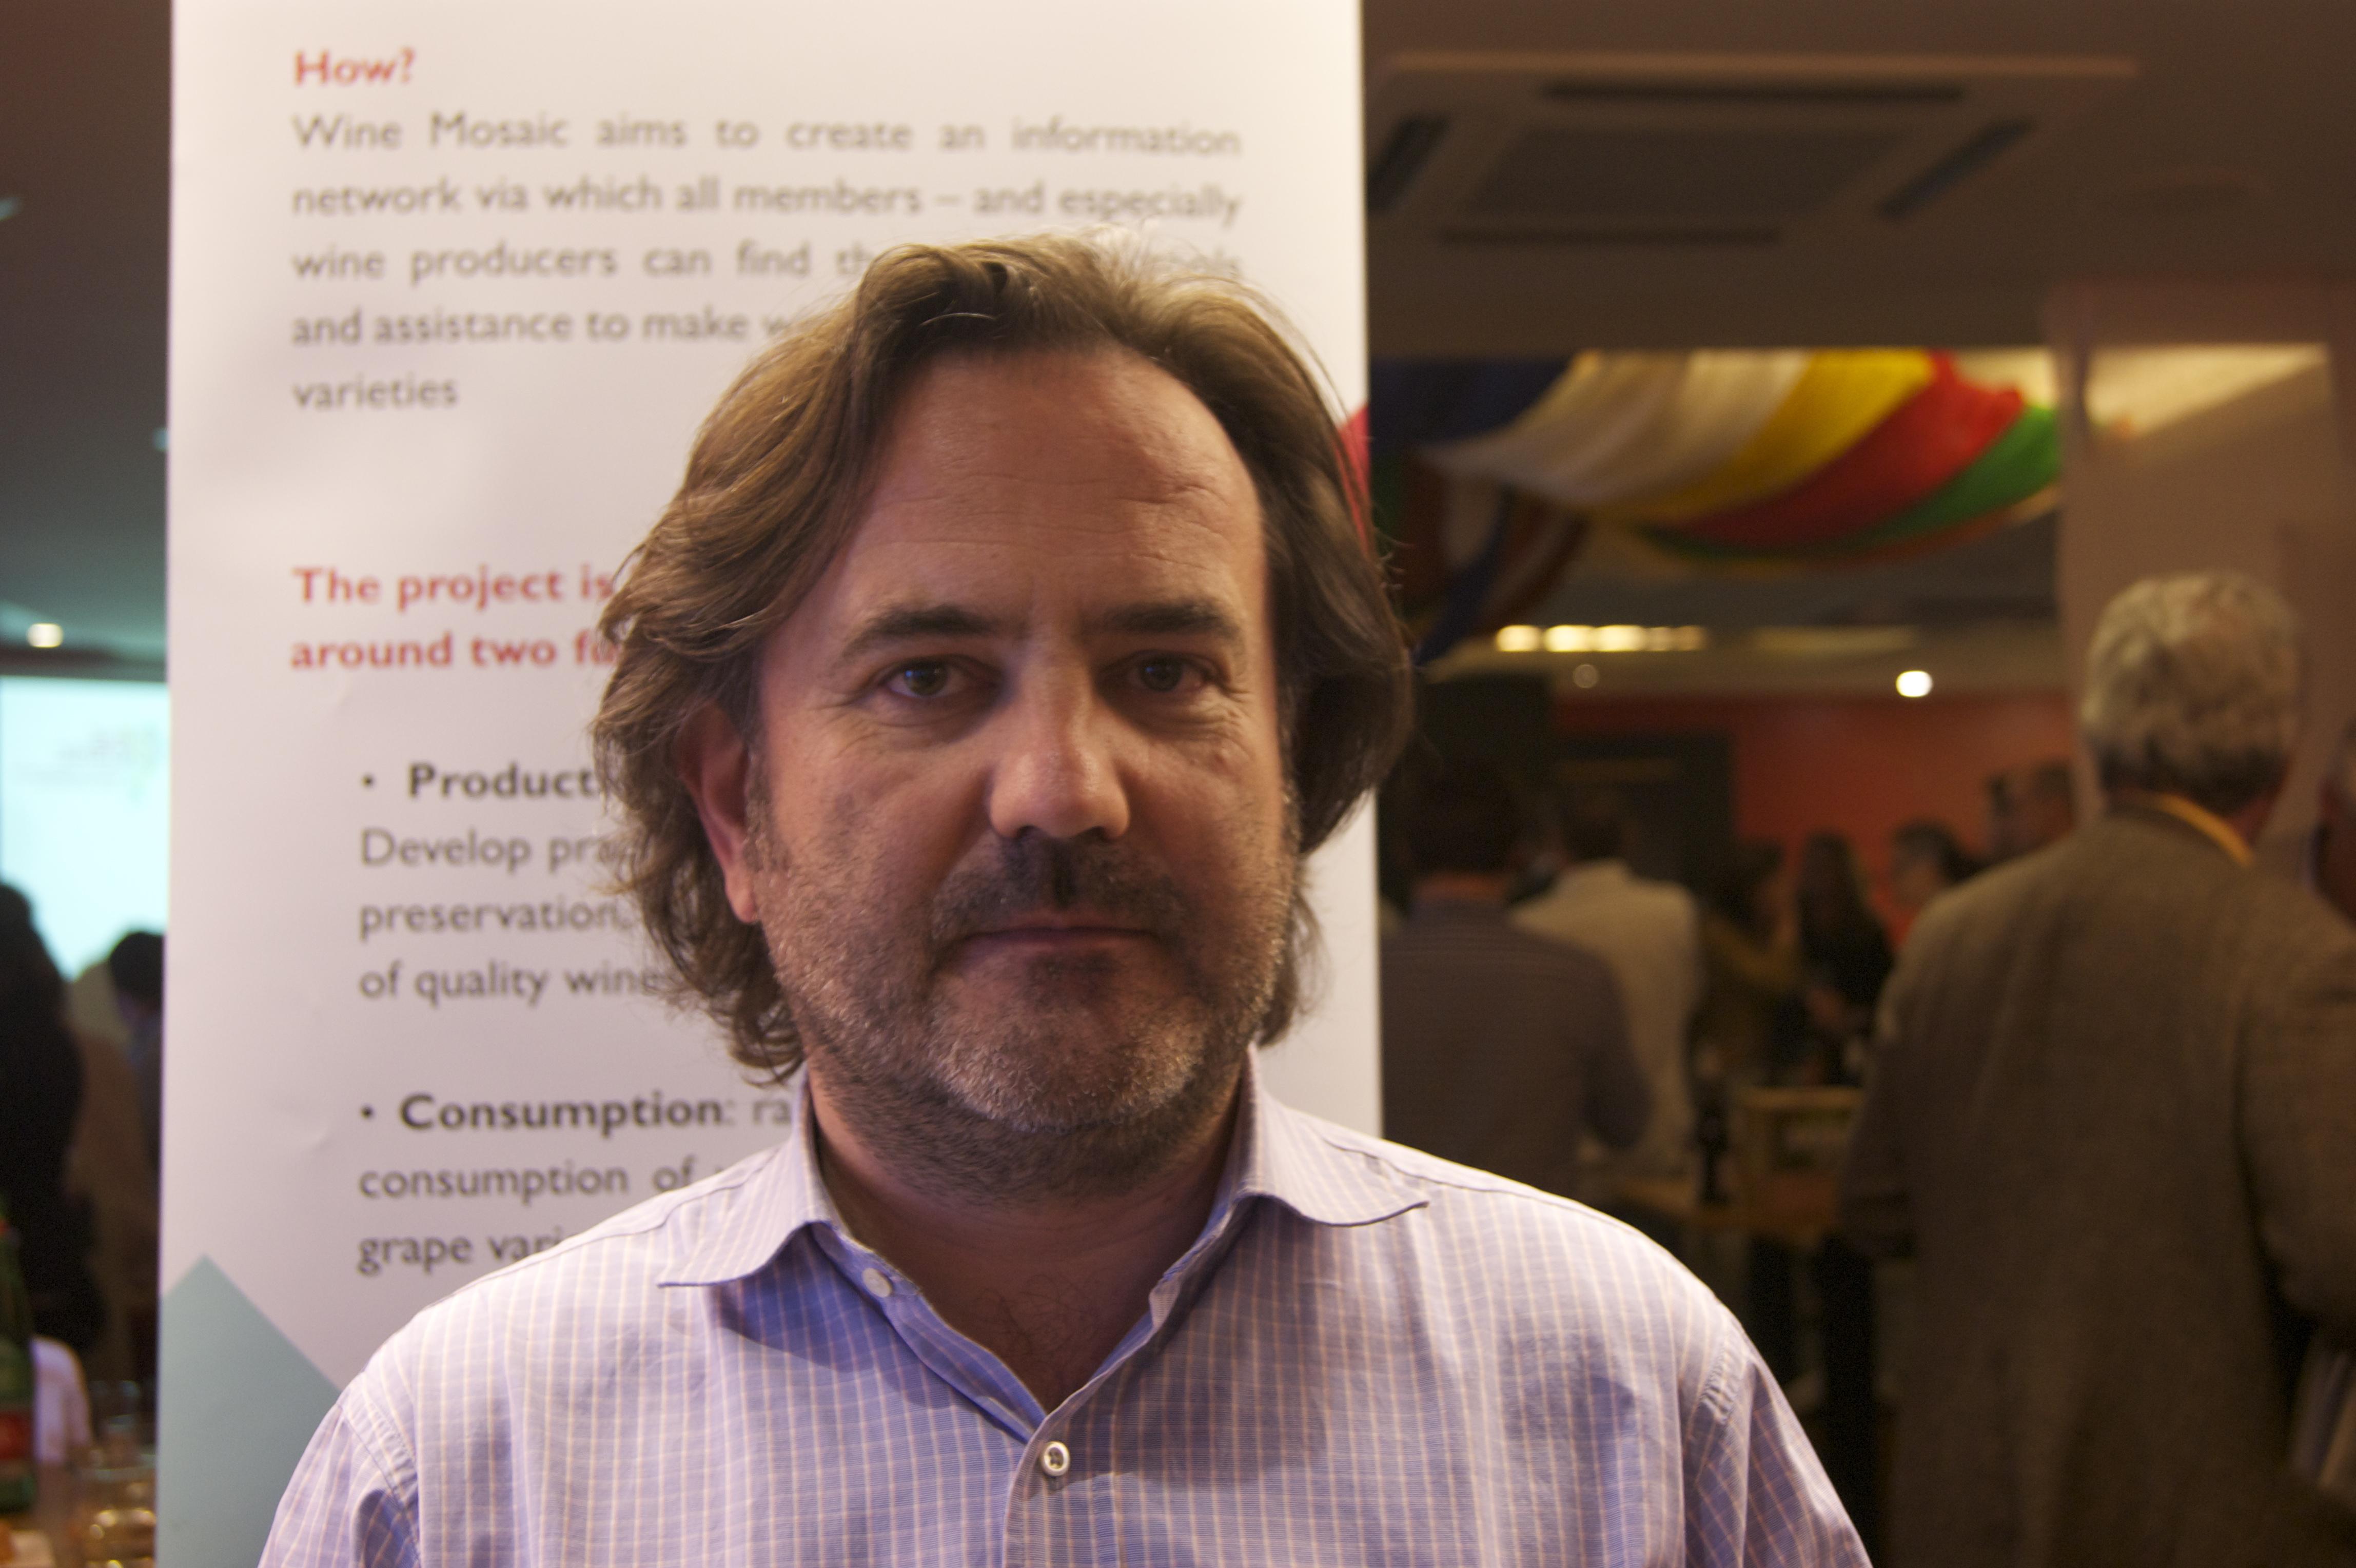 Jean-Luc Etievent - Président de l'association Wine Mosaic